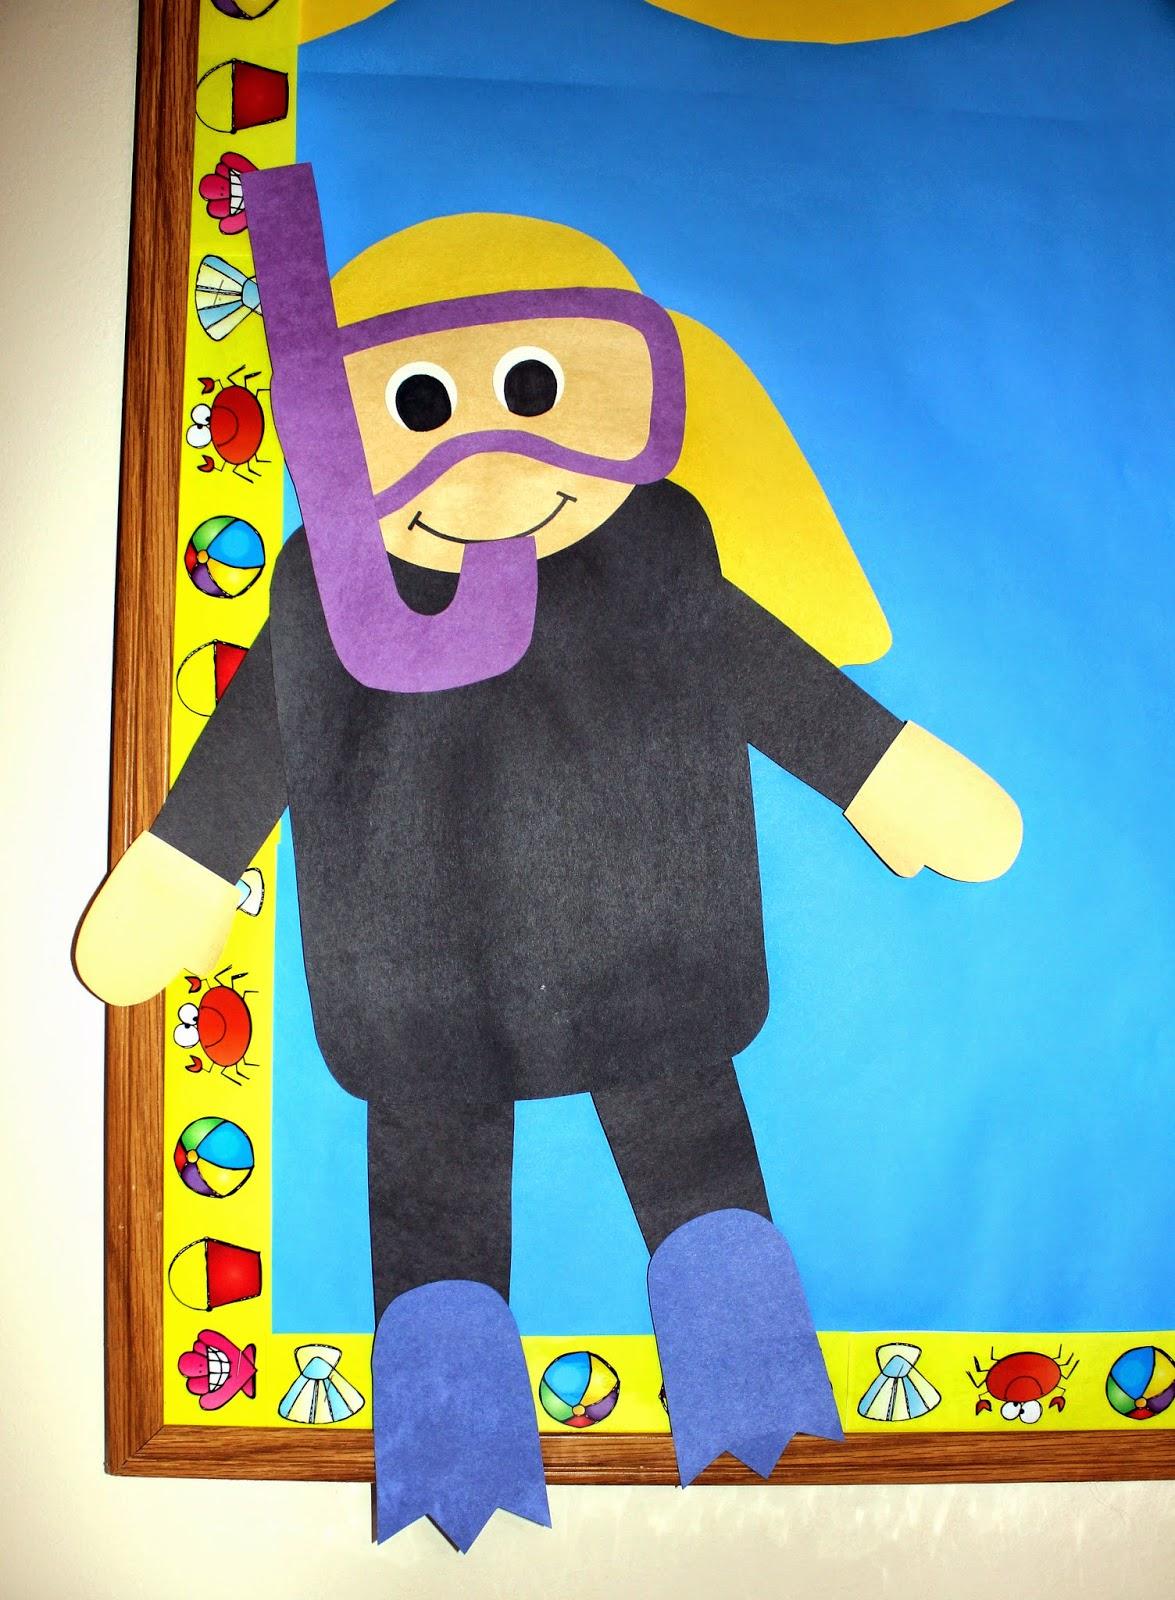 Scuba Diver Craft Ideas 11 Preschool And Homeschool